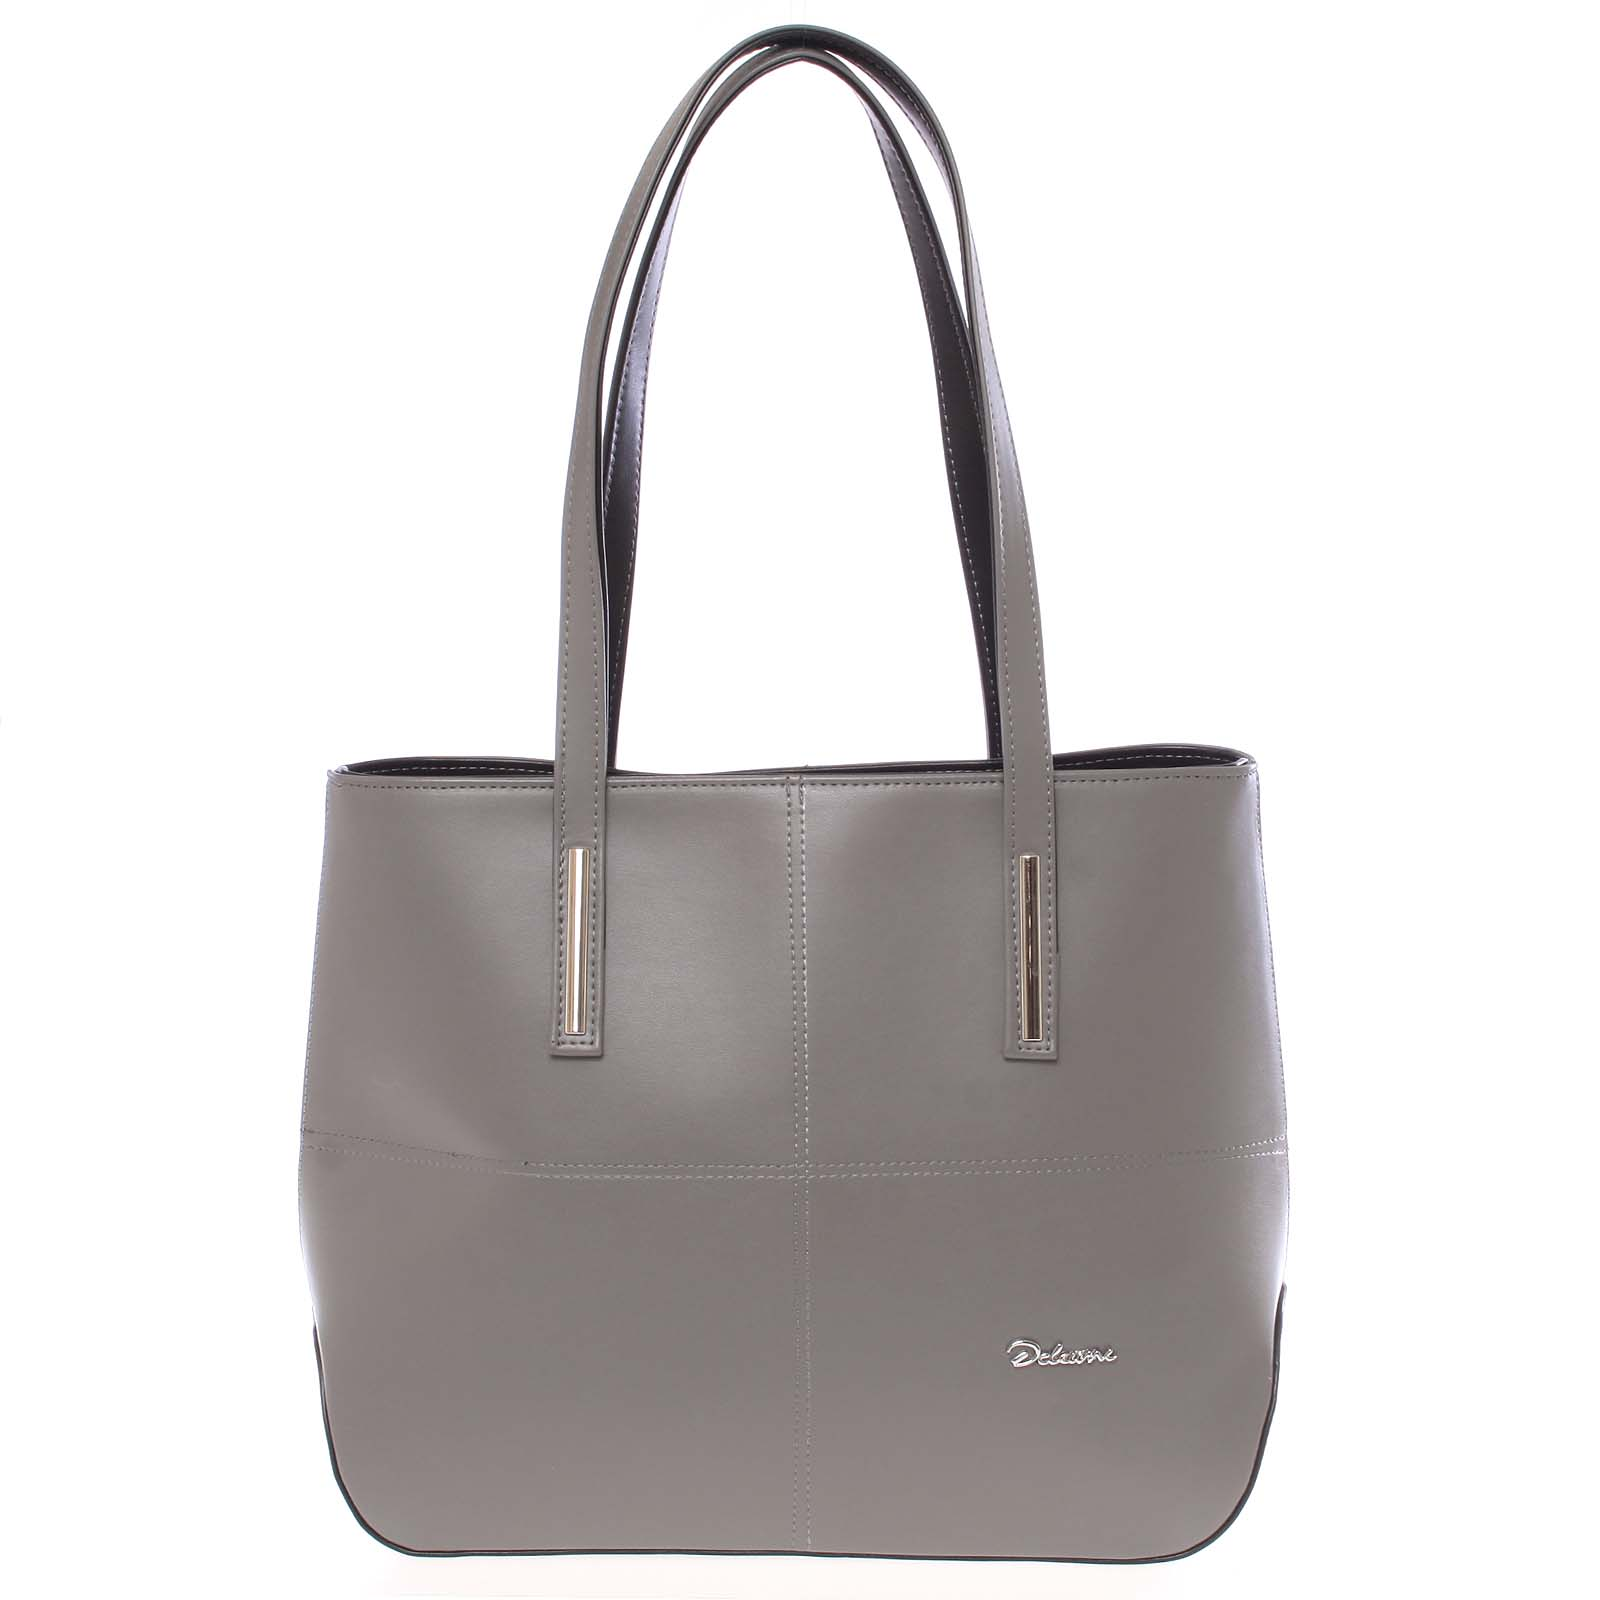 Dámská luxusní kabelka přes rameno tmavě šedá - Delami Leonela